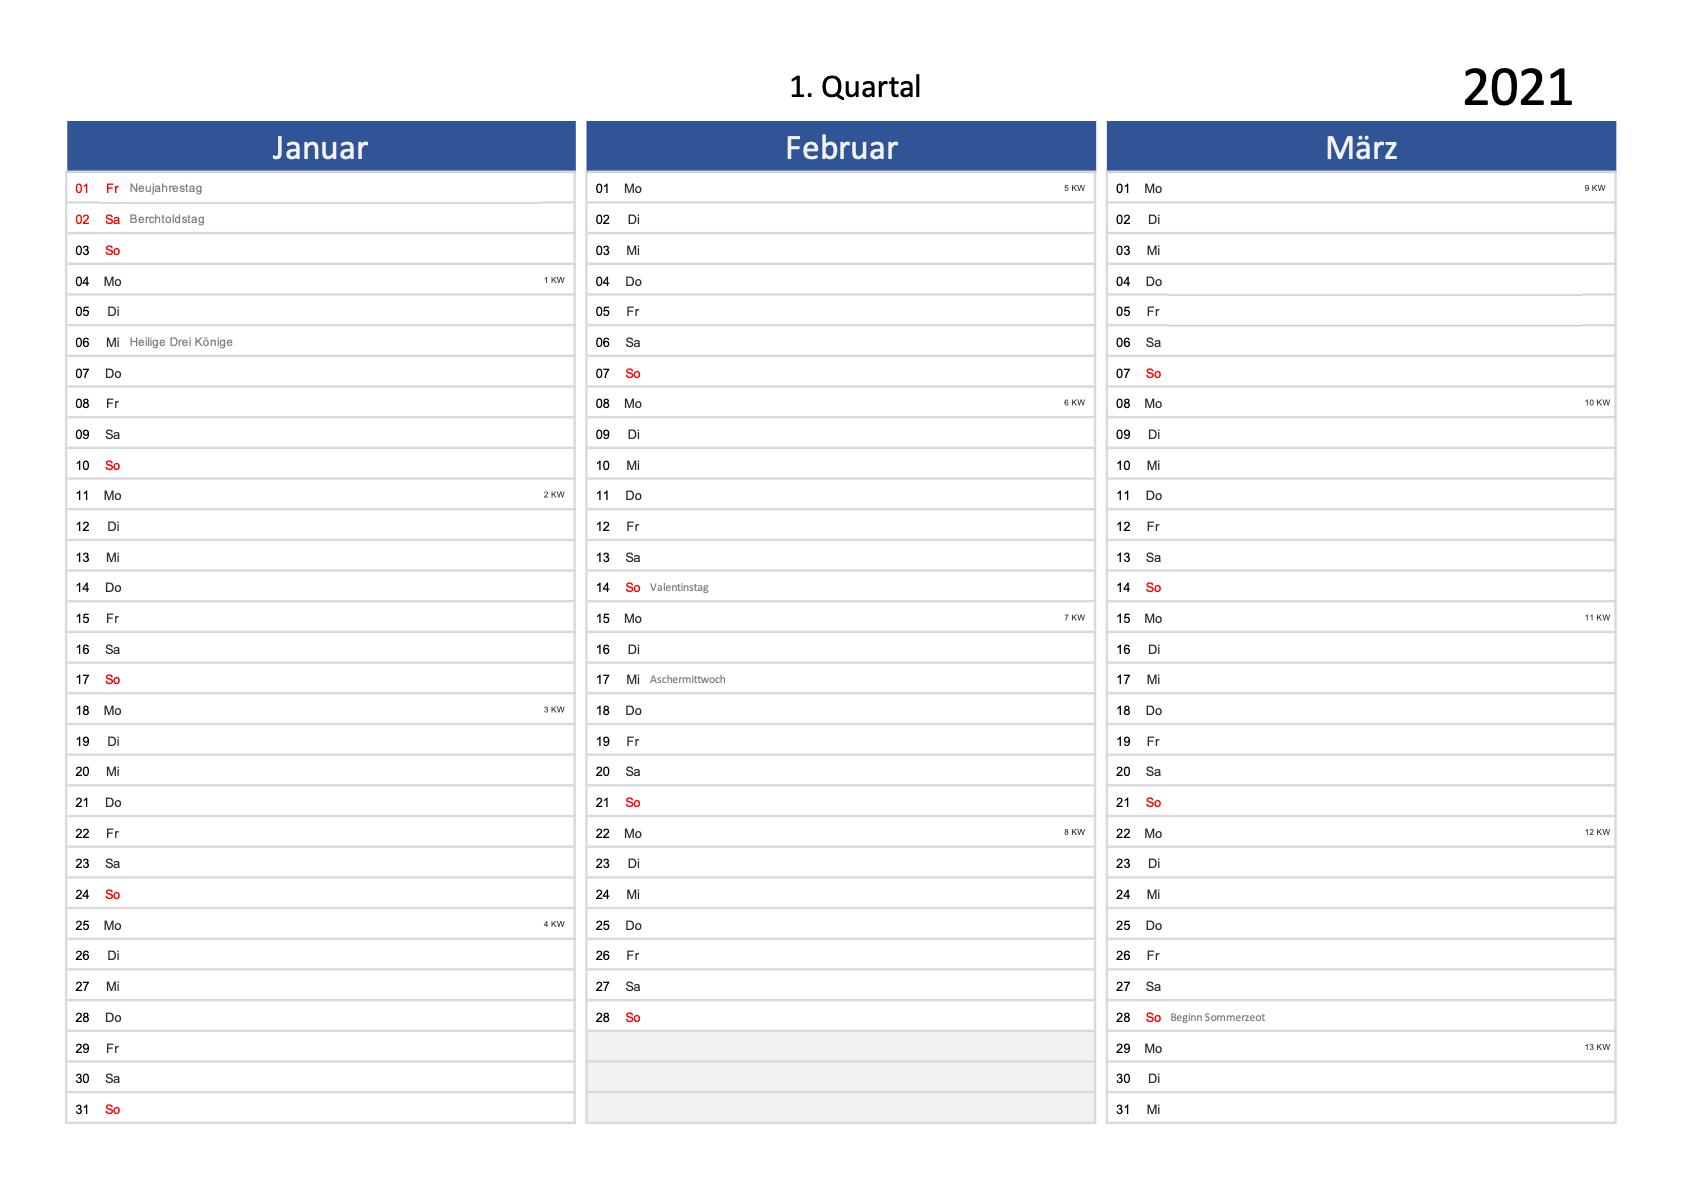 Schweizer Quartalskalender 2021 zum Ausdrucken Excel PDF